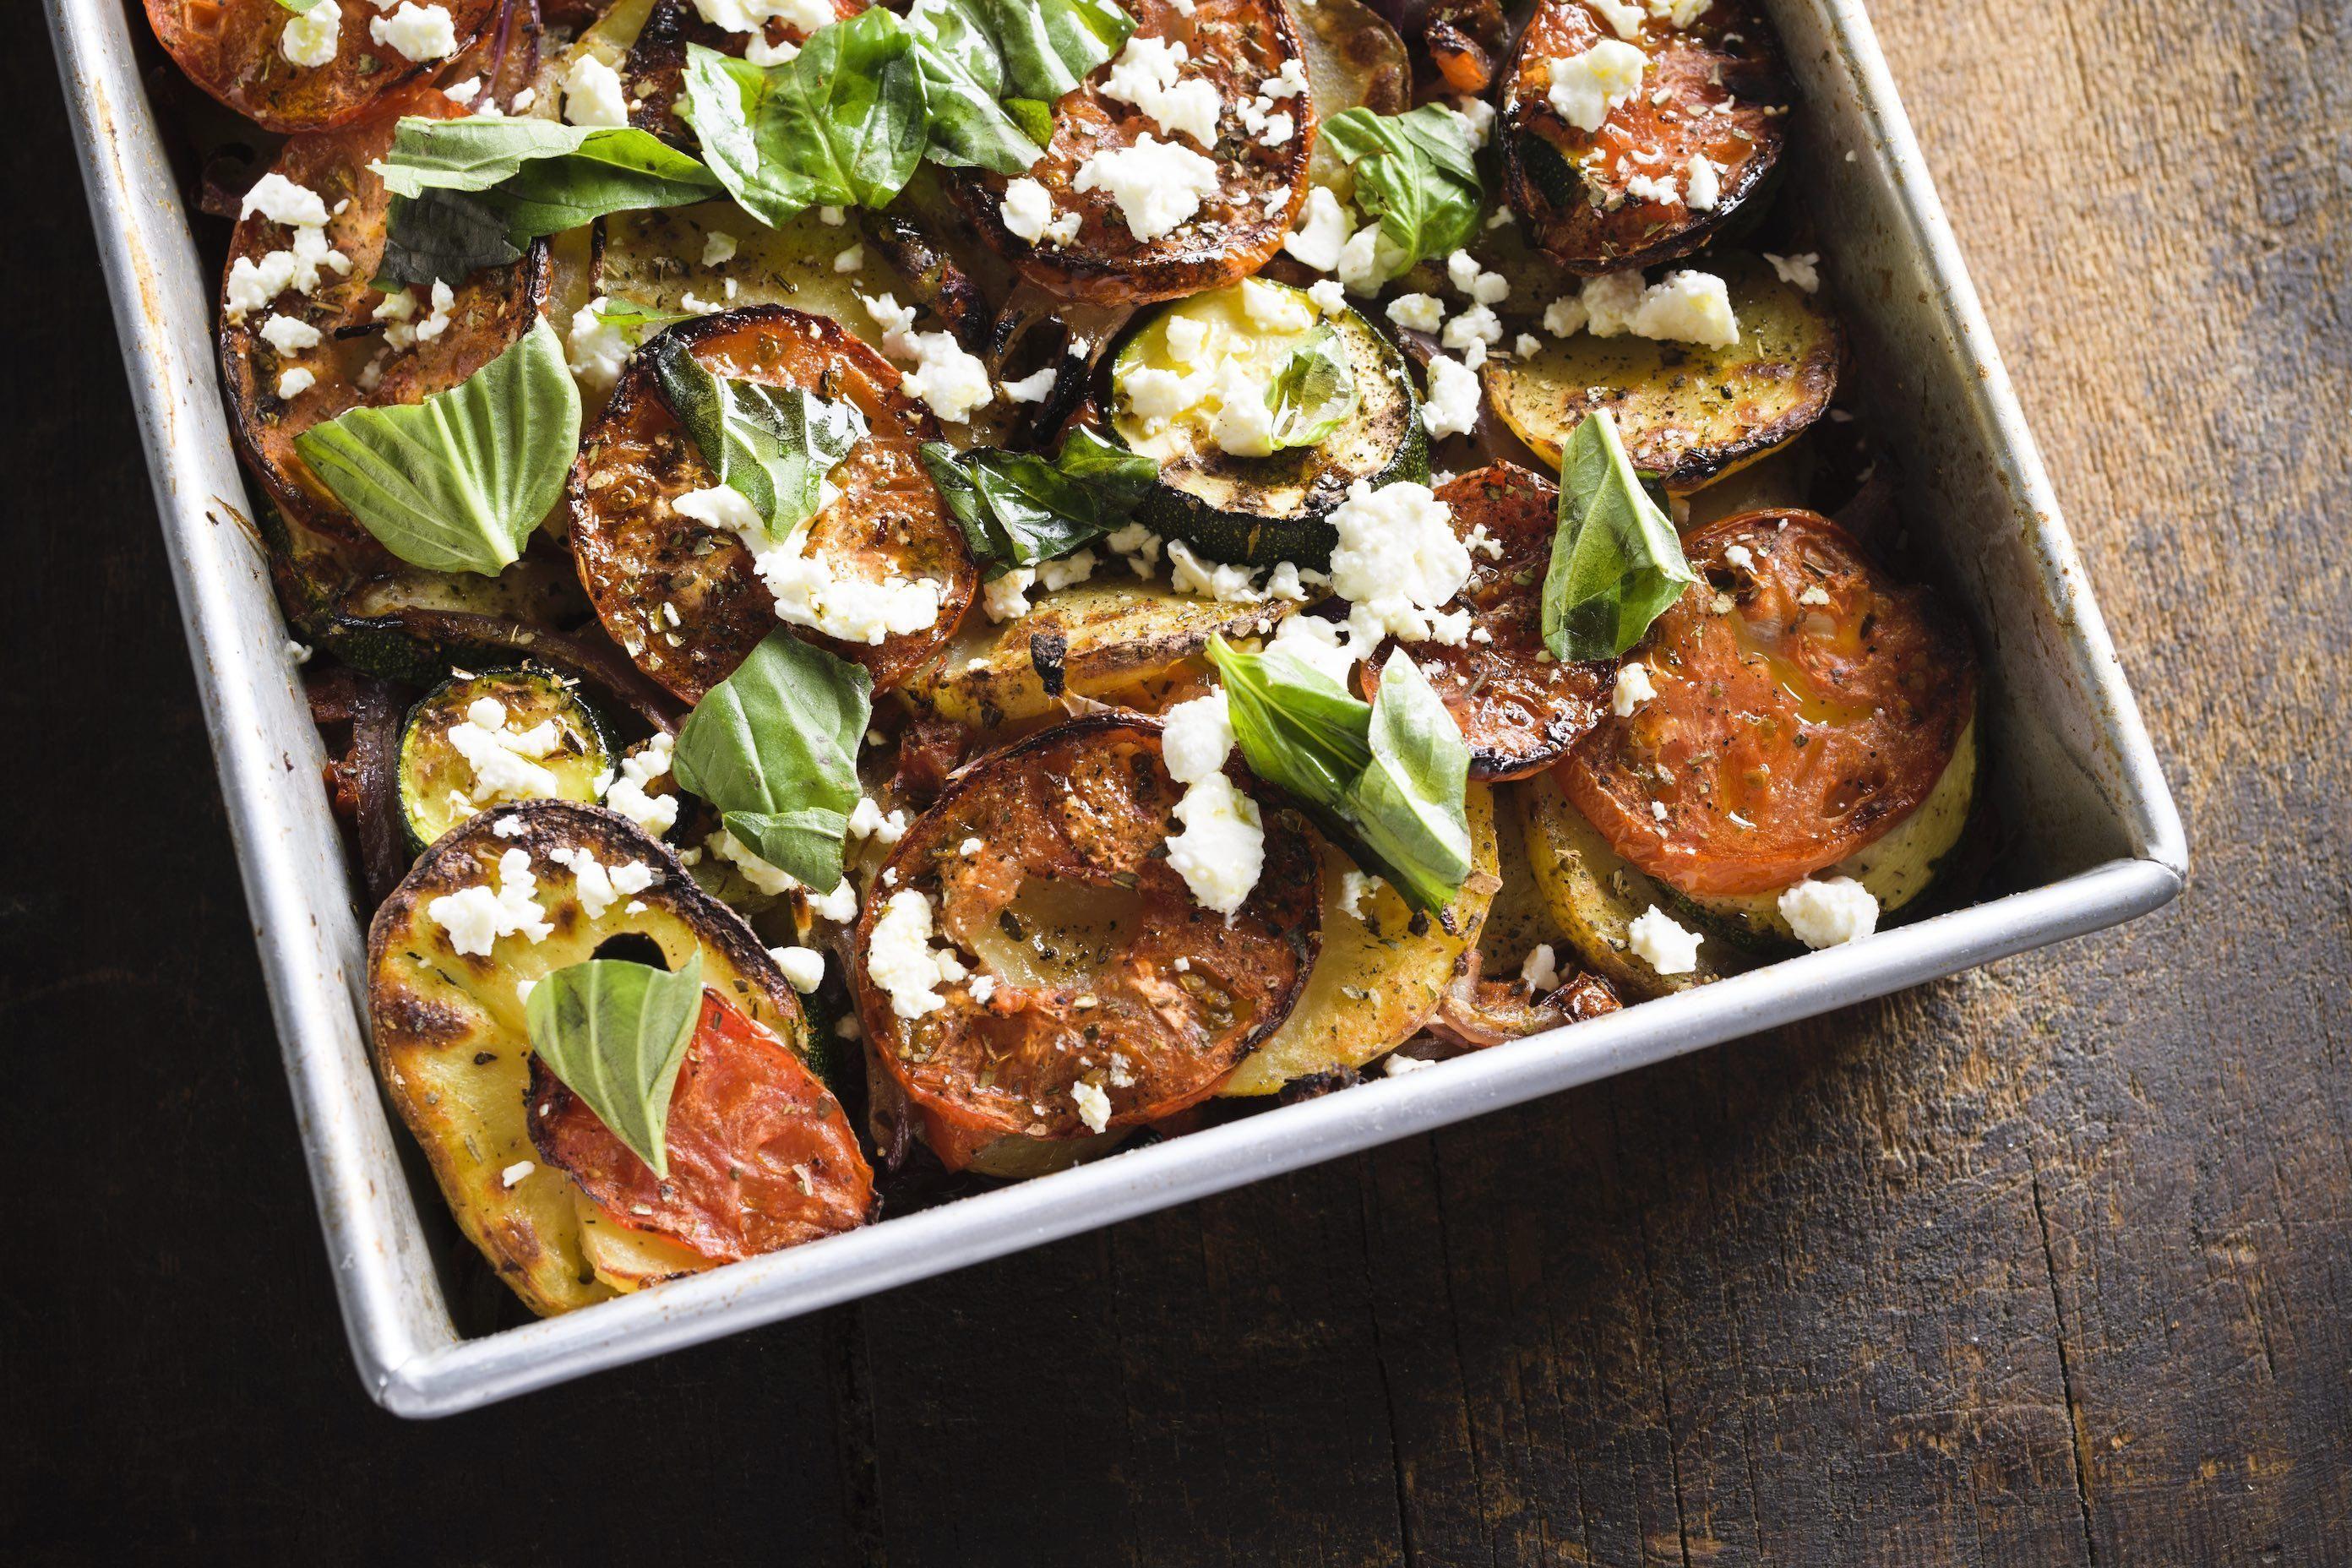 Greek Baked Vegetables (Briam)